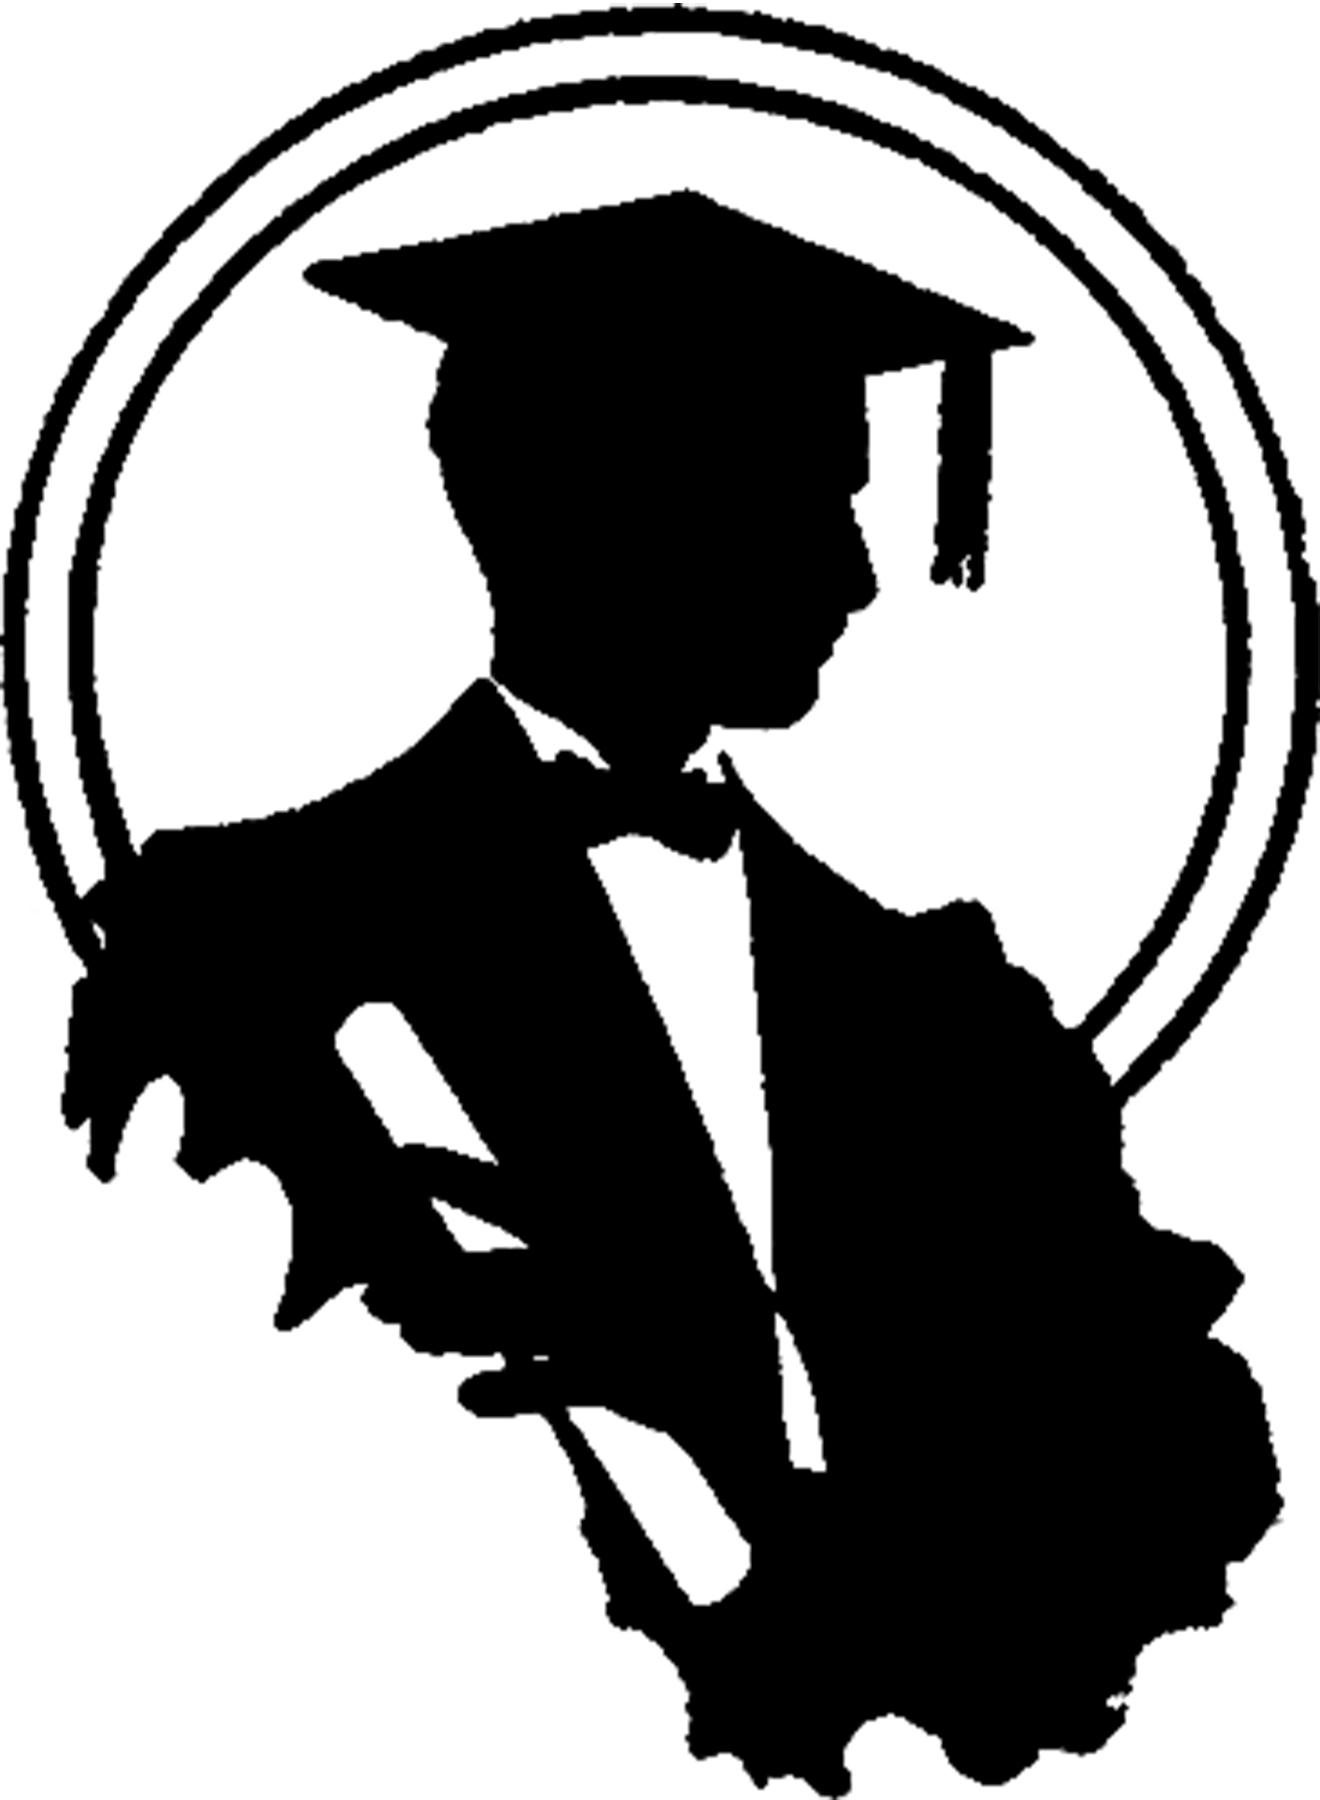 صور عن التخرج من الجامعة جميلة (5)